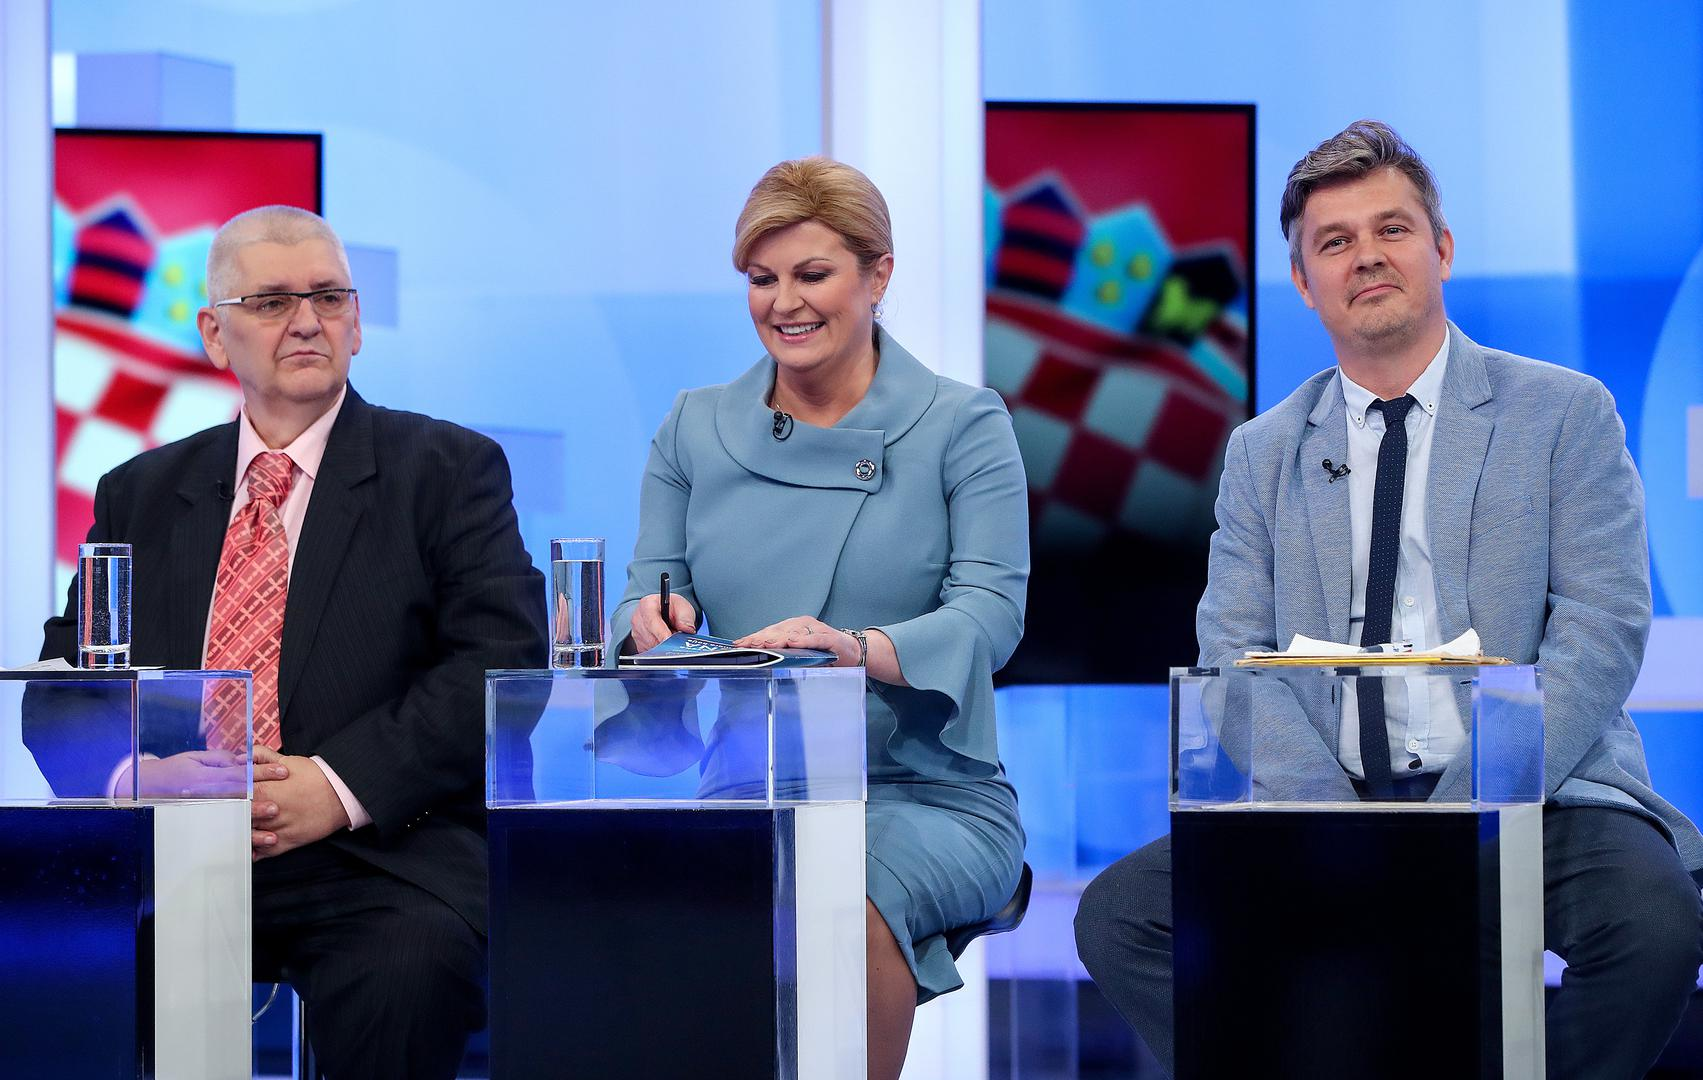 ANALITIČARI KOMENTIRALI NASTUPE KANDIDATA: 'Sučeljavanje najbolje iskoristili Grabar-Kitarović i Milanović, a potom Peović'